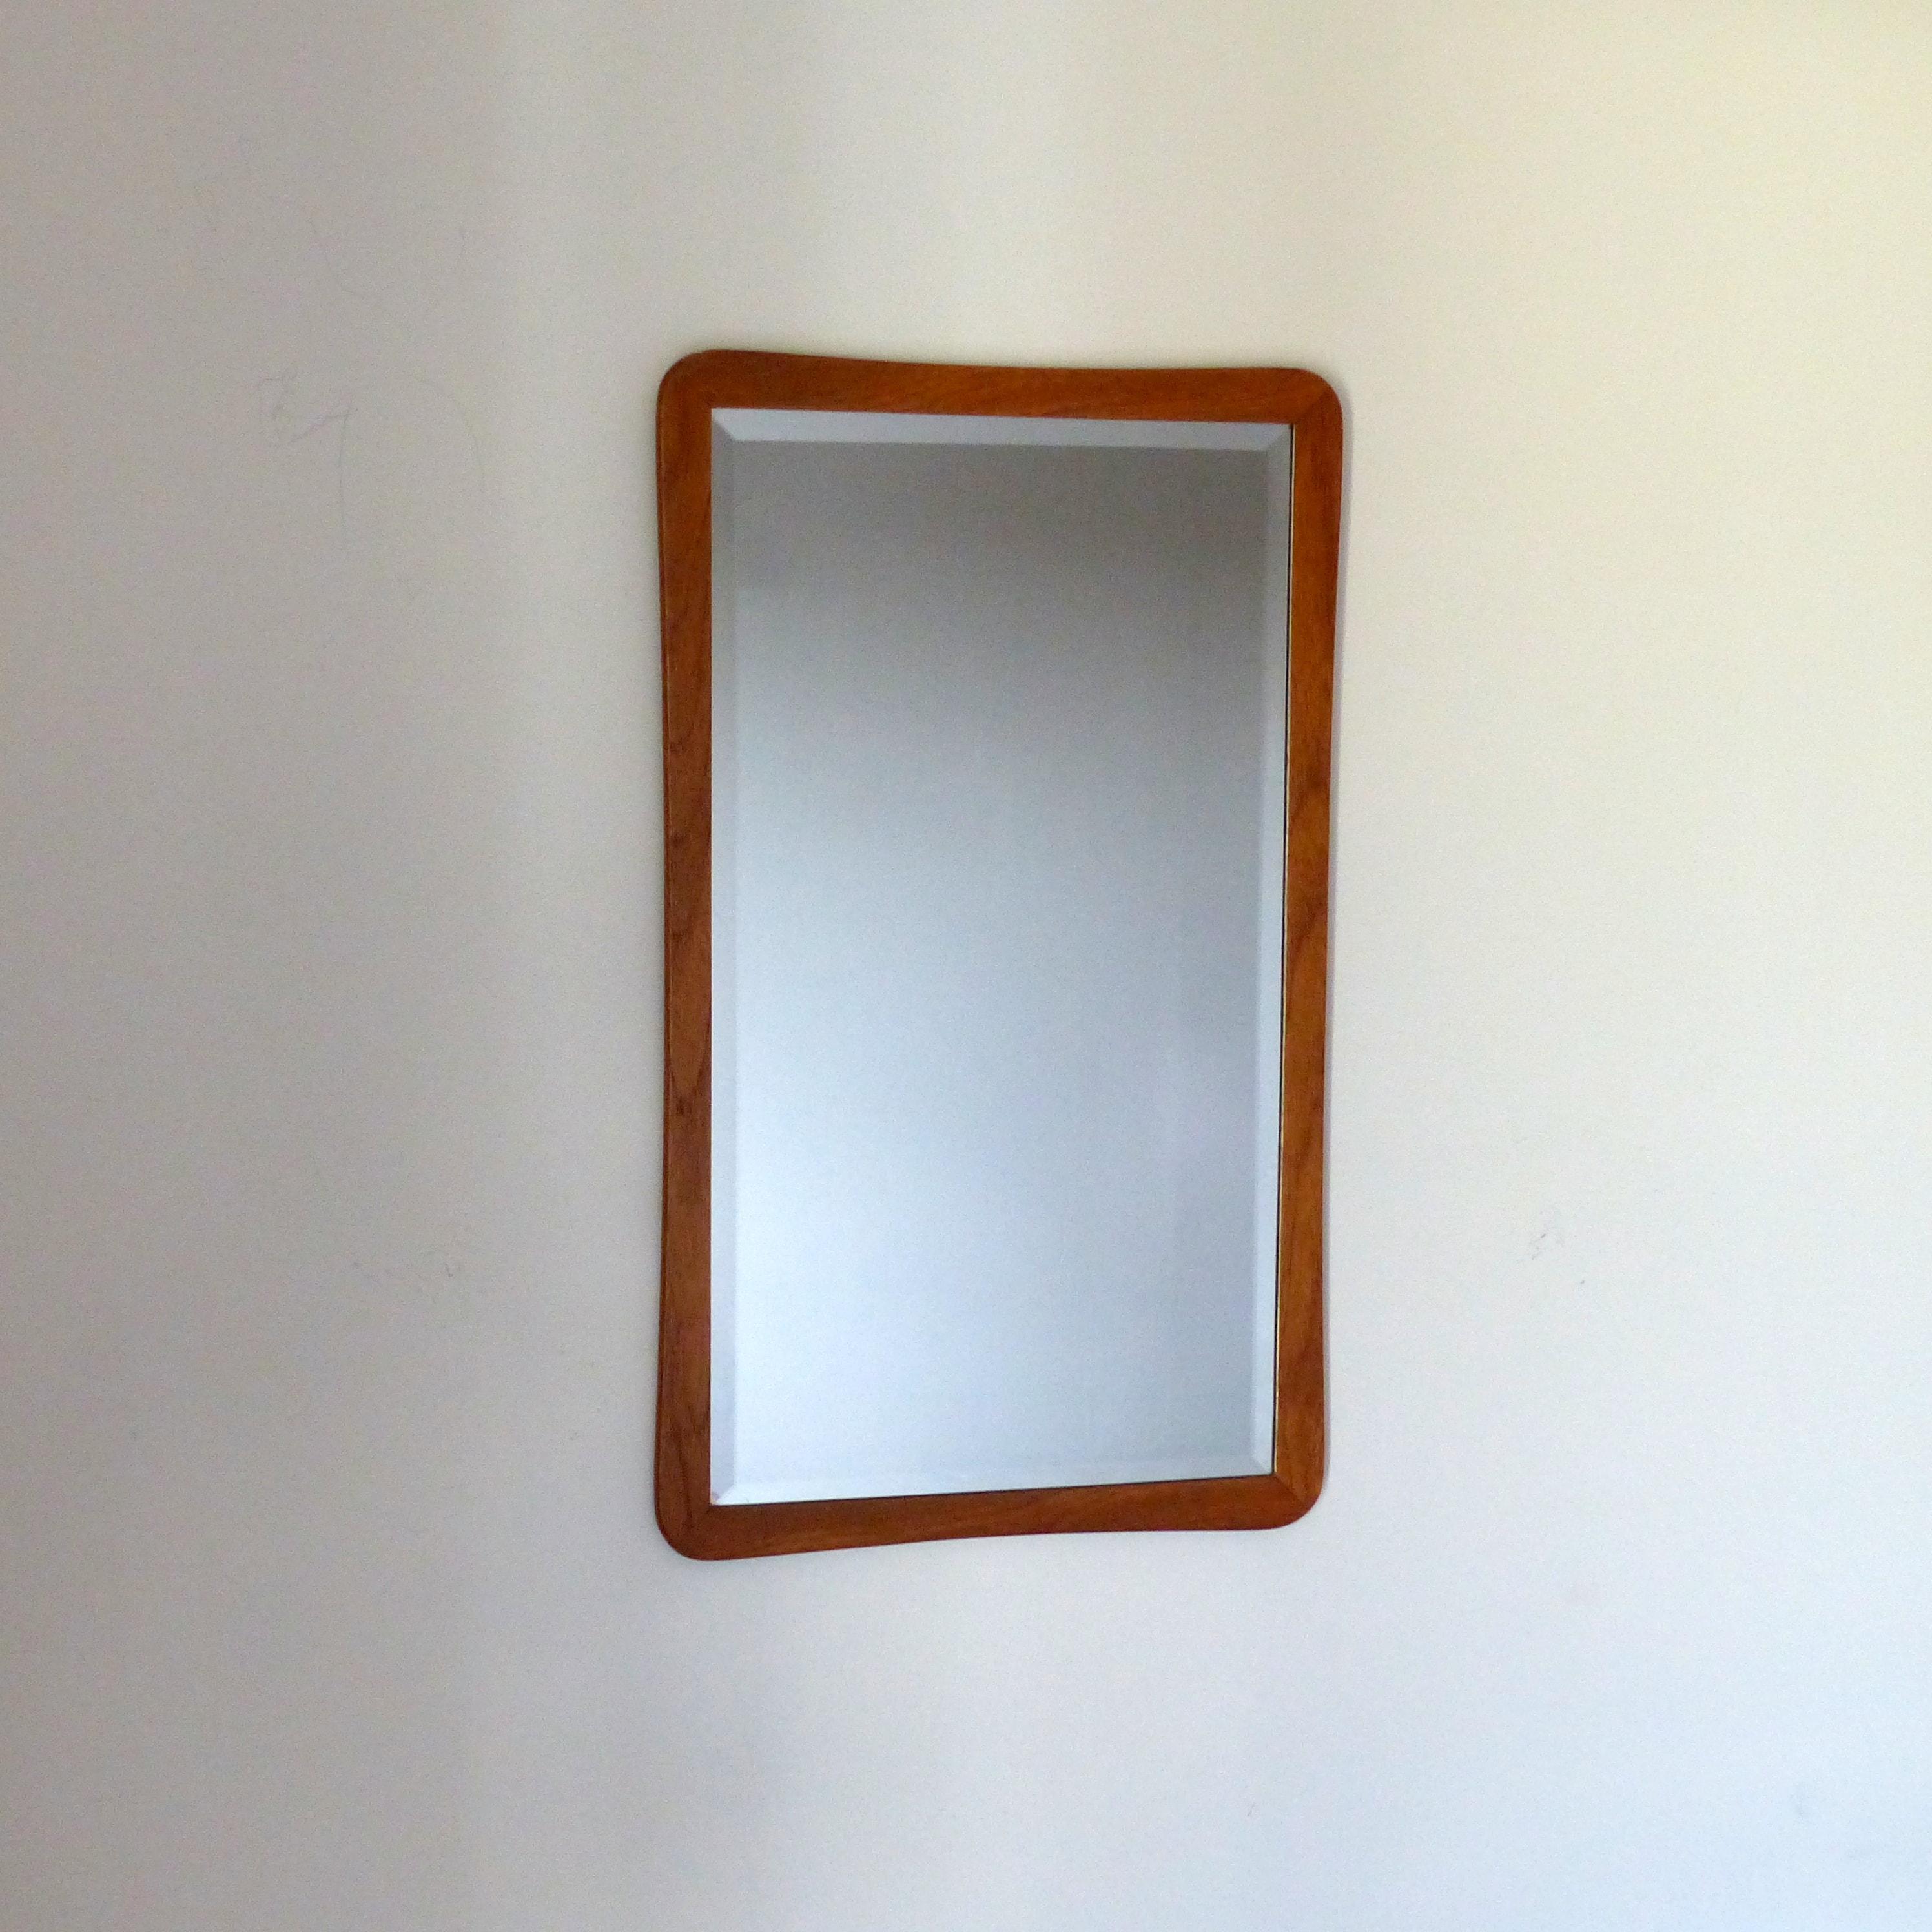 Miroir scandinave asym trique en teck lignedebrocante for Miroir scandinave